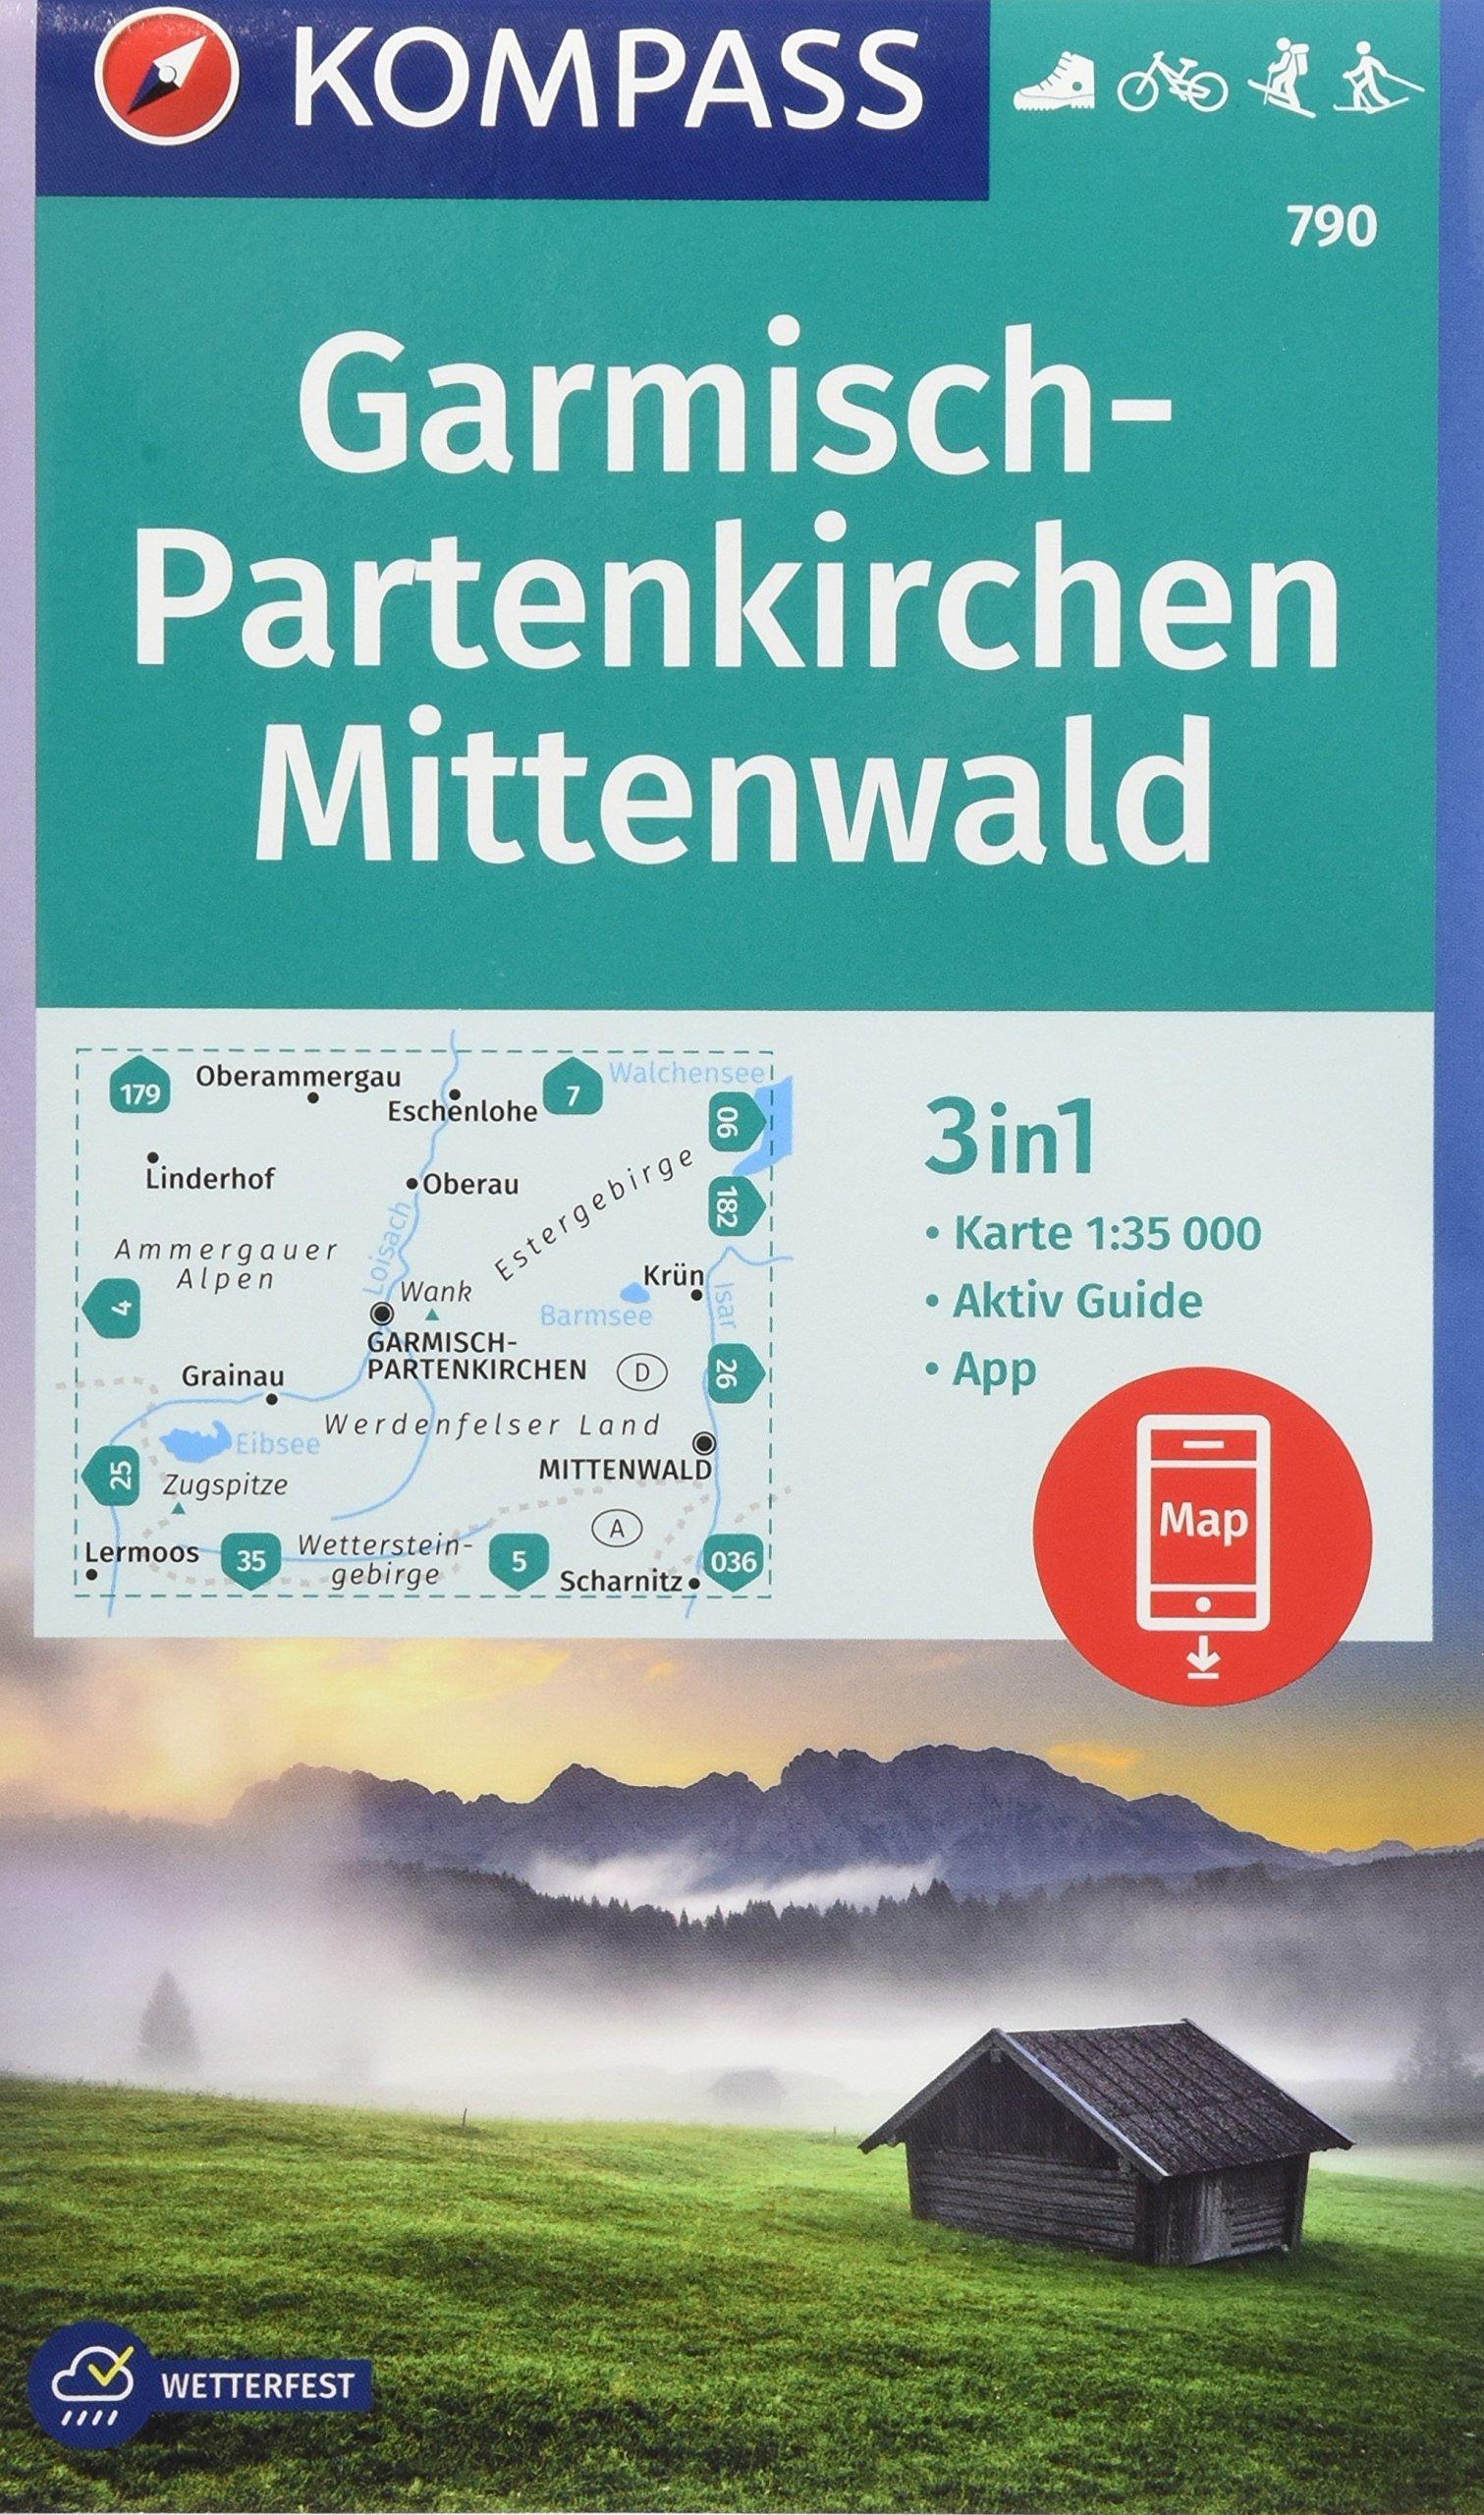 Garmisch-Partenkirchen, Mittenwald: 3in1 Wanderkarte 1:35000 mit Aktiv Guide inklusive Karte zur offline Verwendung in der KOMPASS-App. Fahrradfahren. ... Langlaufen. (KOMPASS-Wanderkarten, Band 790)